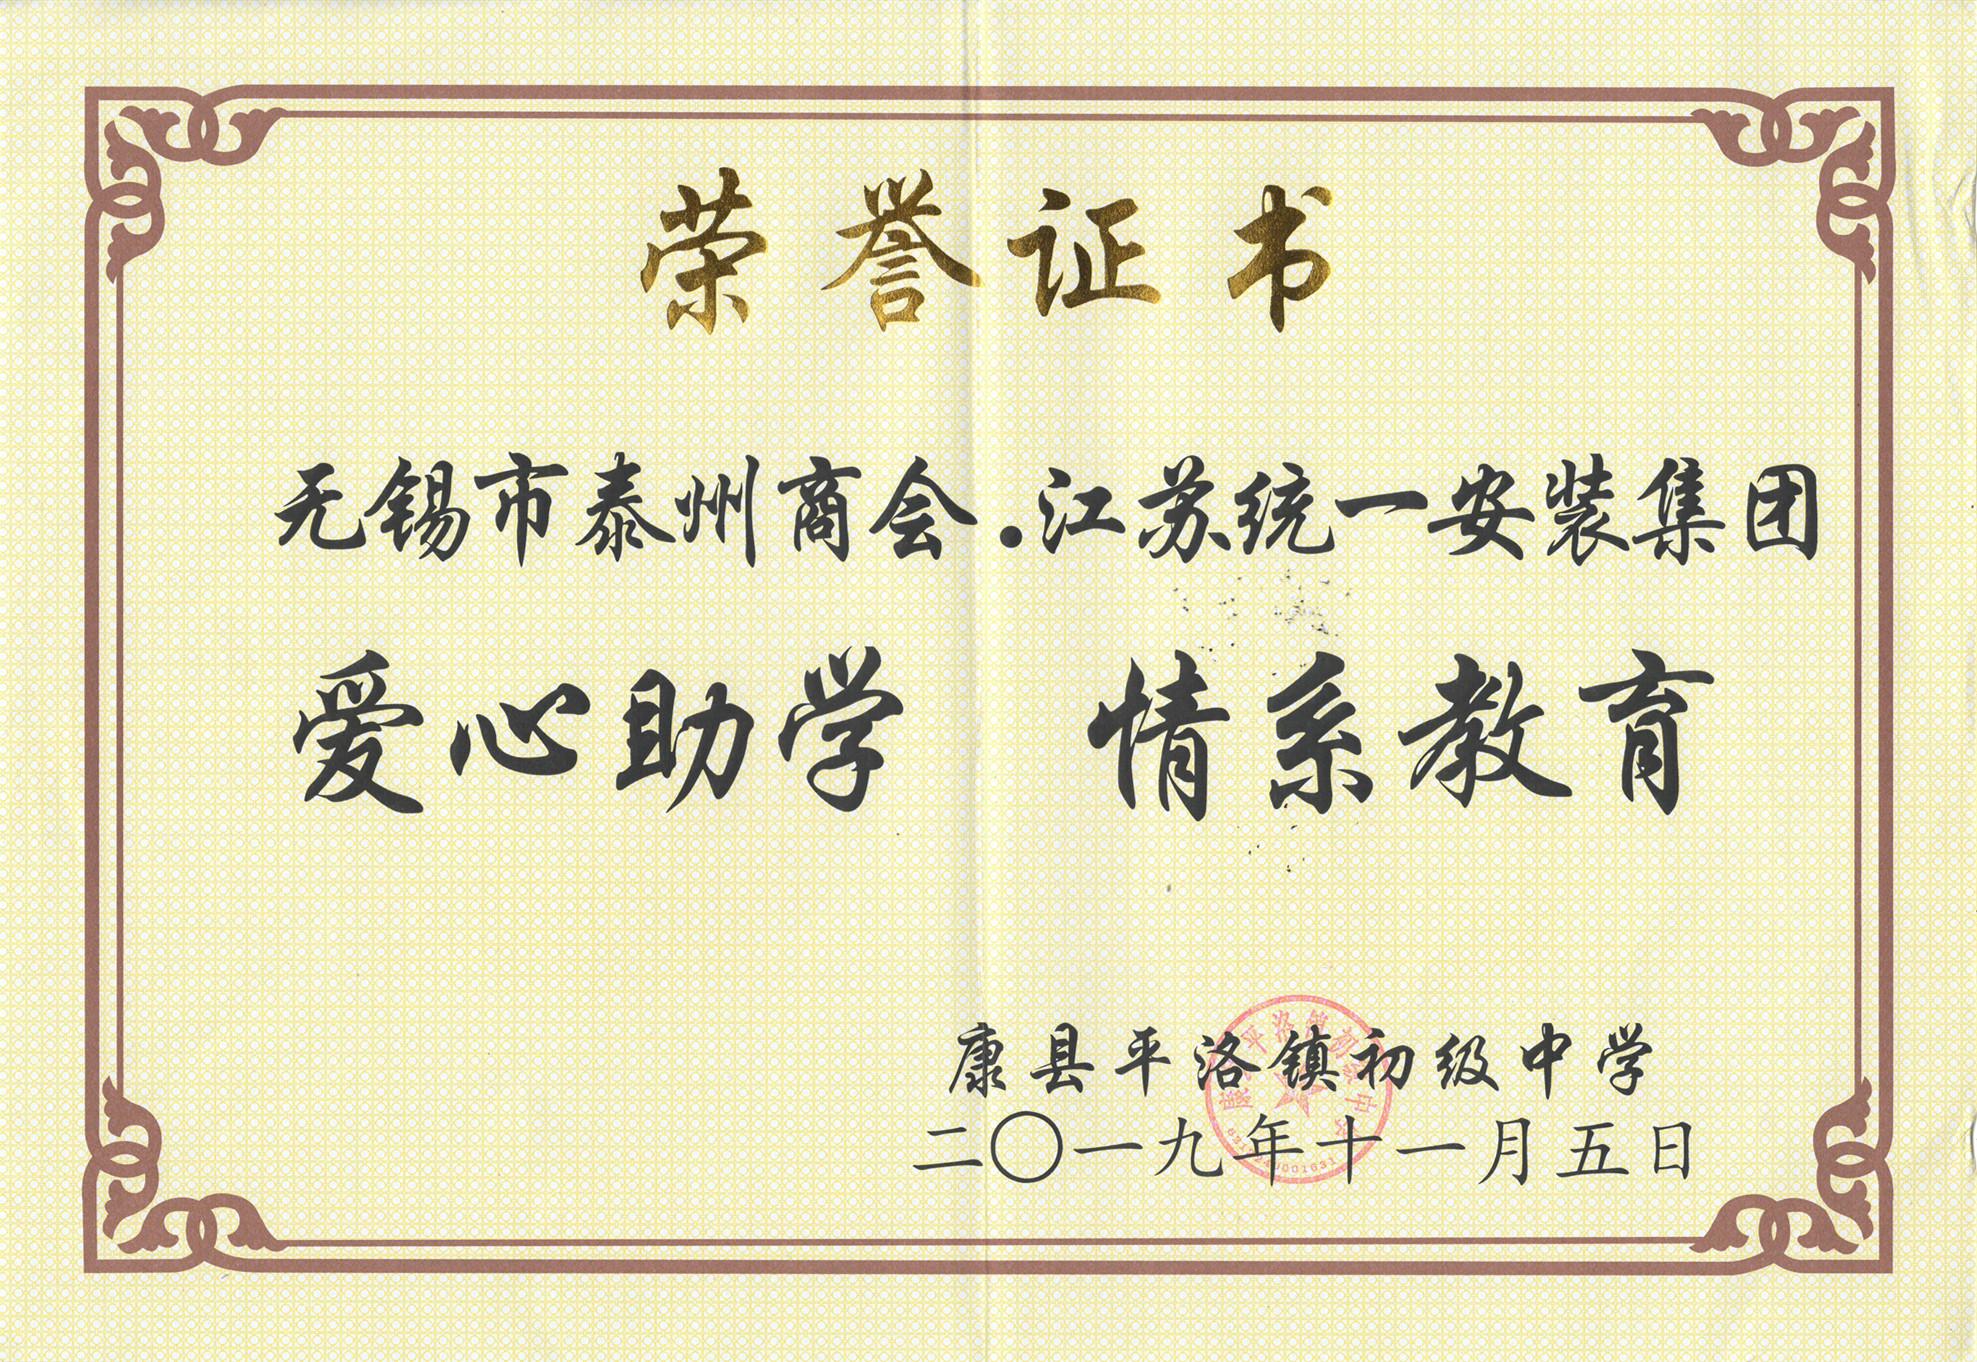 爱心助学情系教育(2019.11.5)